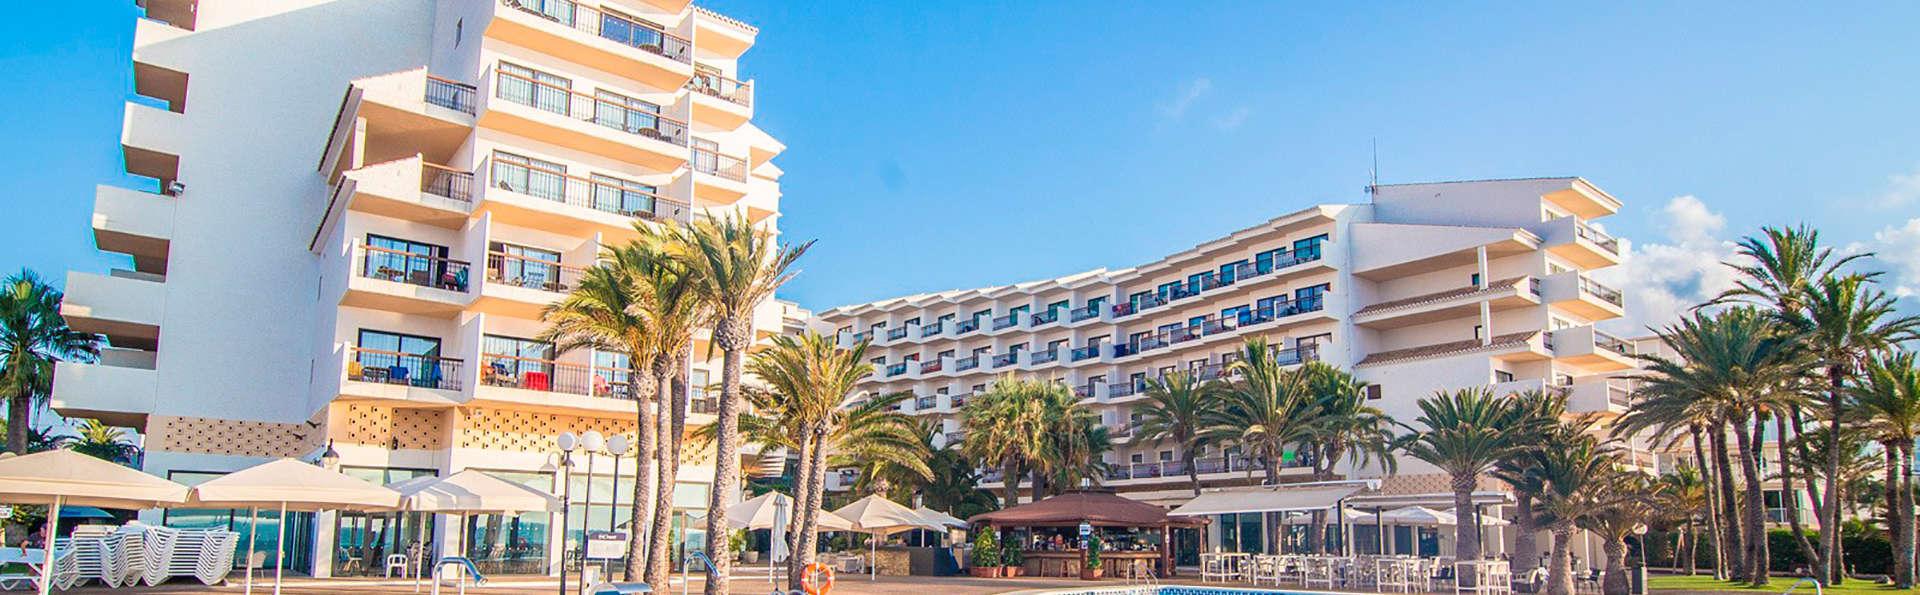 Profitez d'un séjour à Altea dans un hôtel 4 étoiles face à la mer avec petit-déjeuner inclus